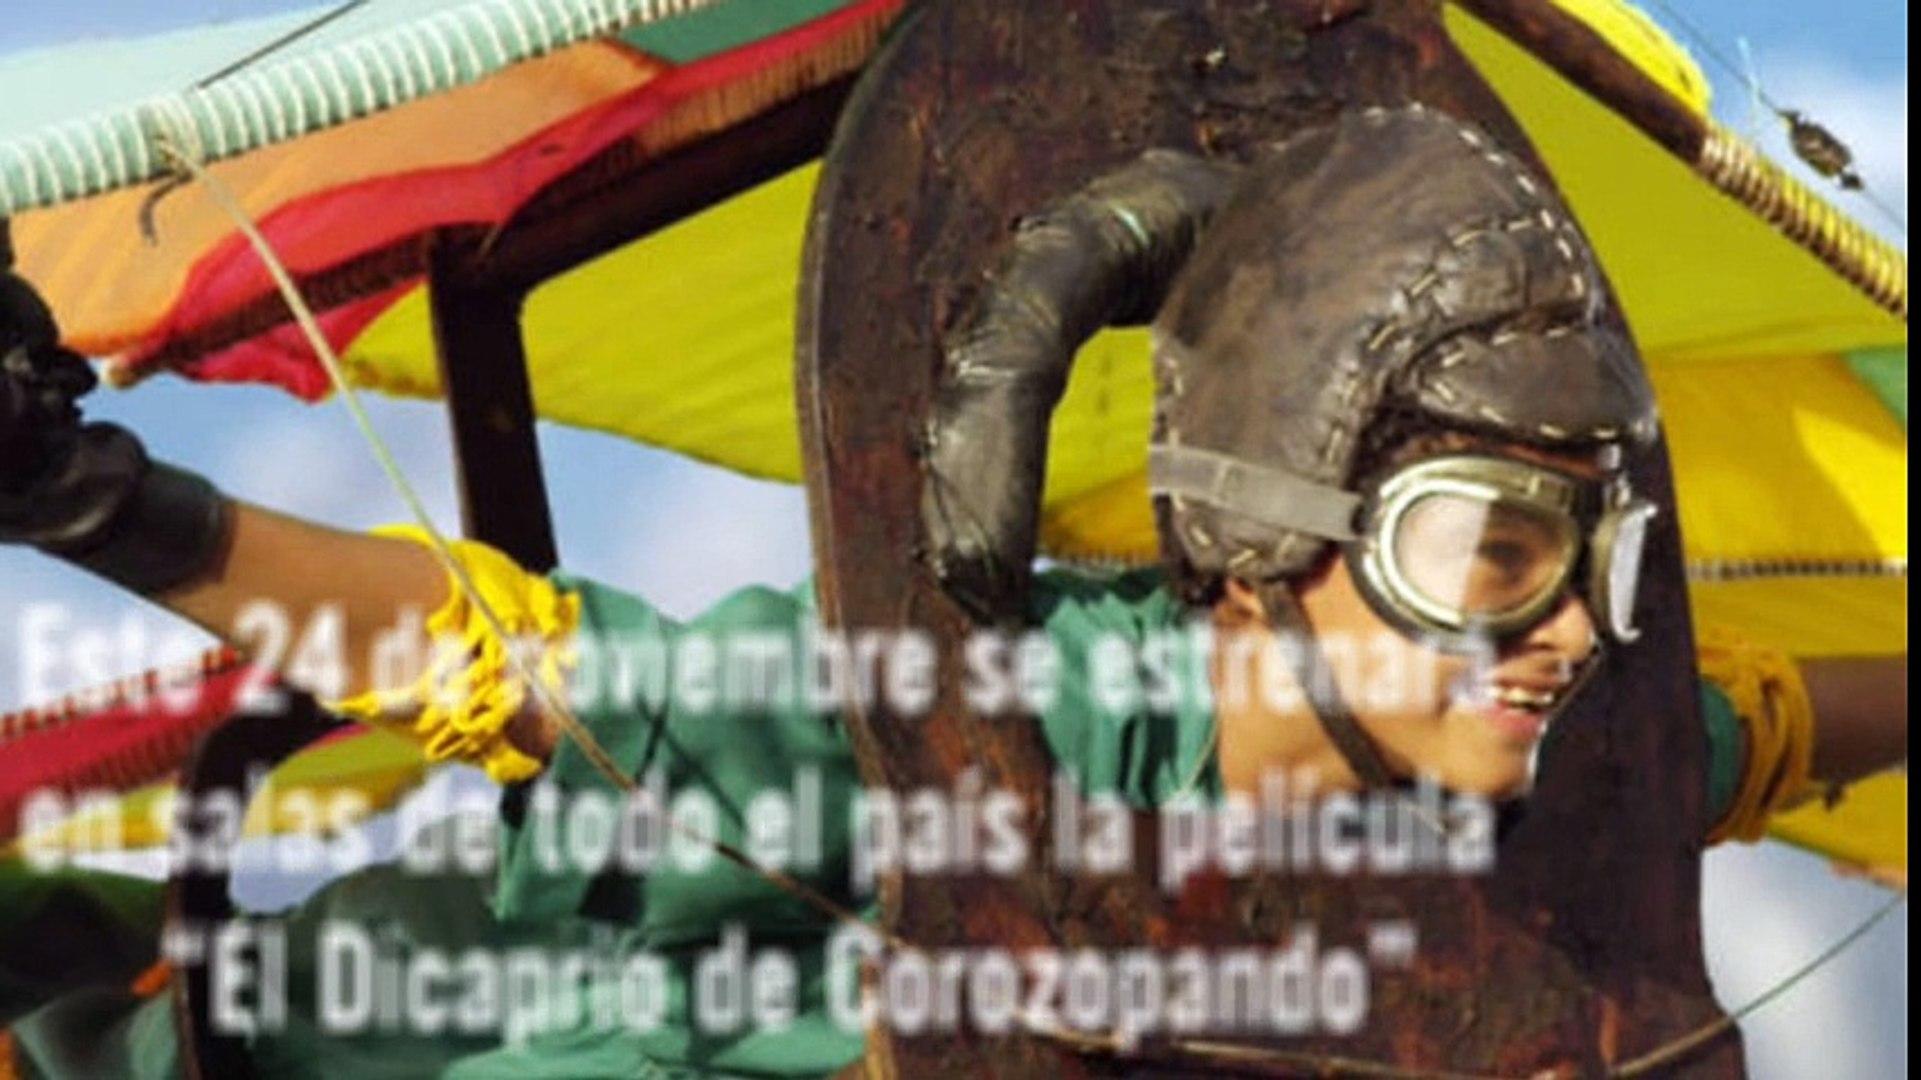 """El Dicaprio de Corozopando"""", aventura y emociones con  Erica Malpica"""